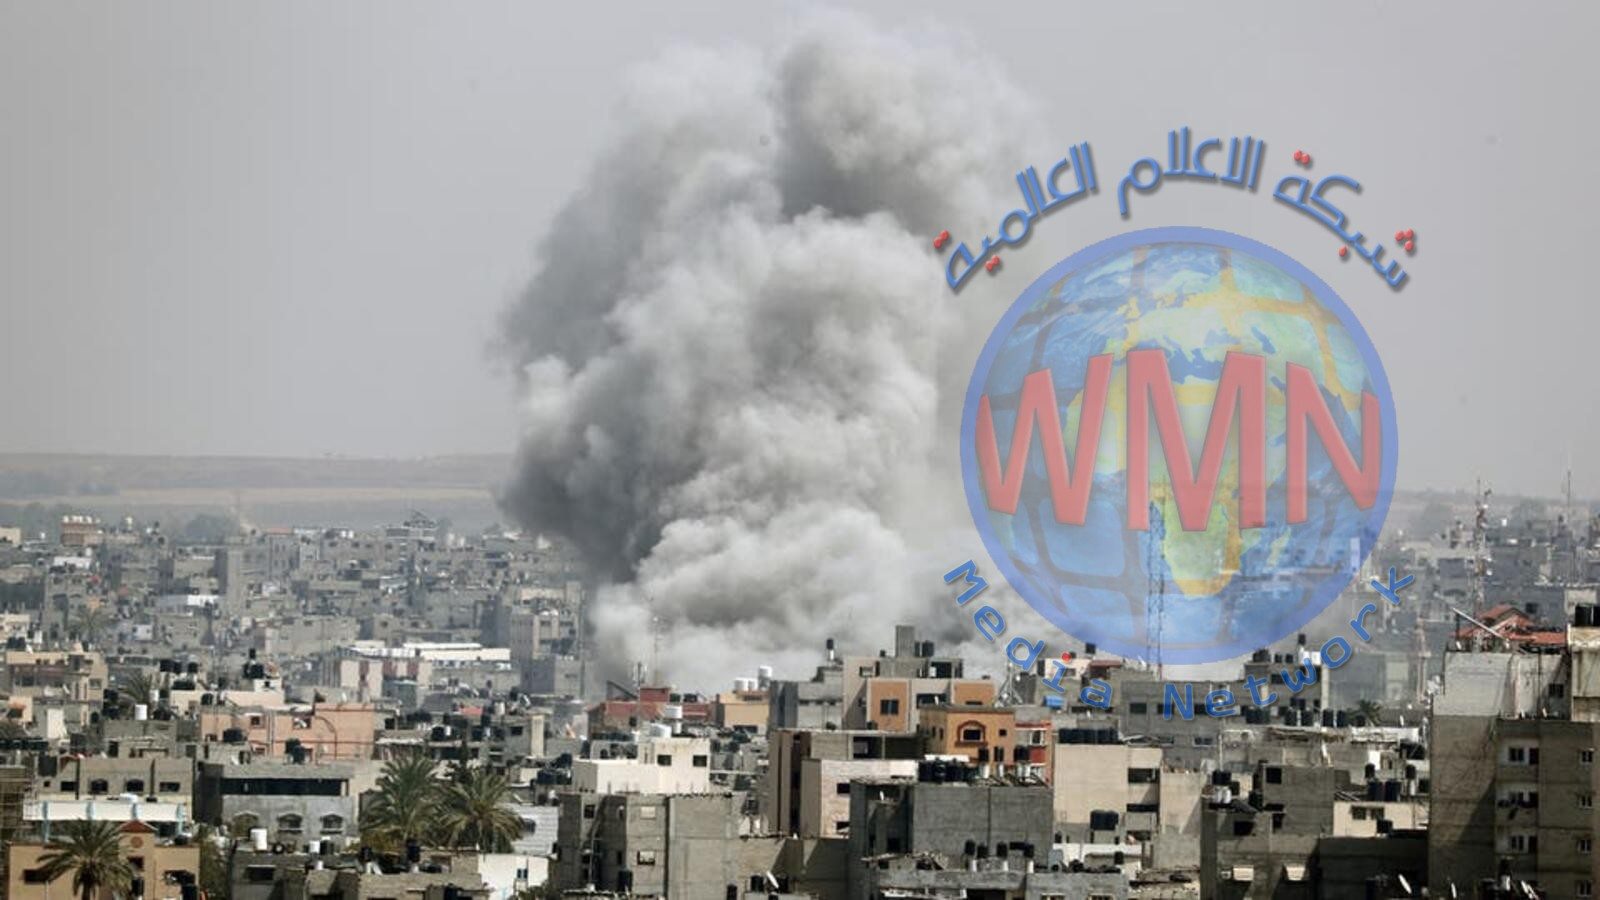 الجيش الإسرائيلي يعترف بأخطاء في غارة أودت بمدنيين في غزة